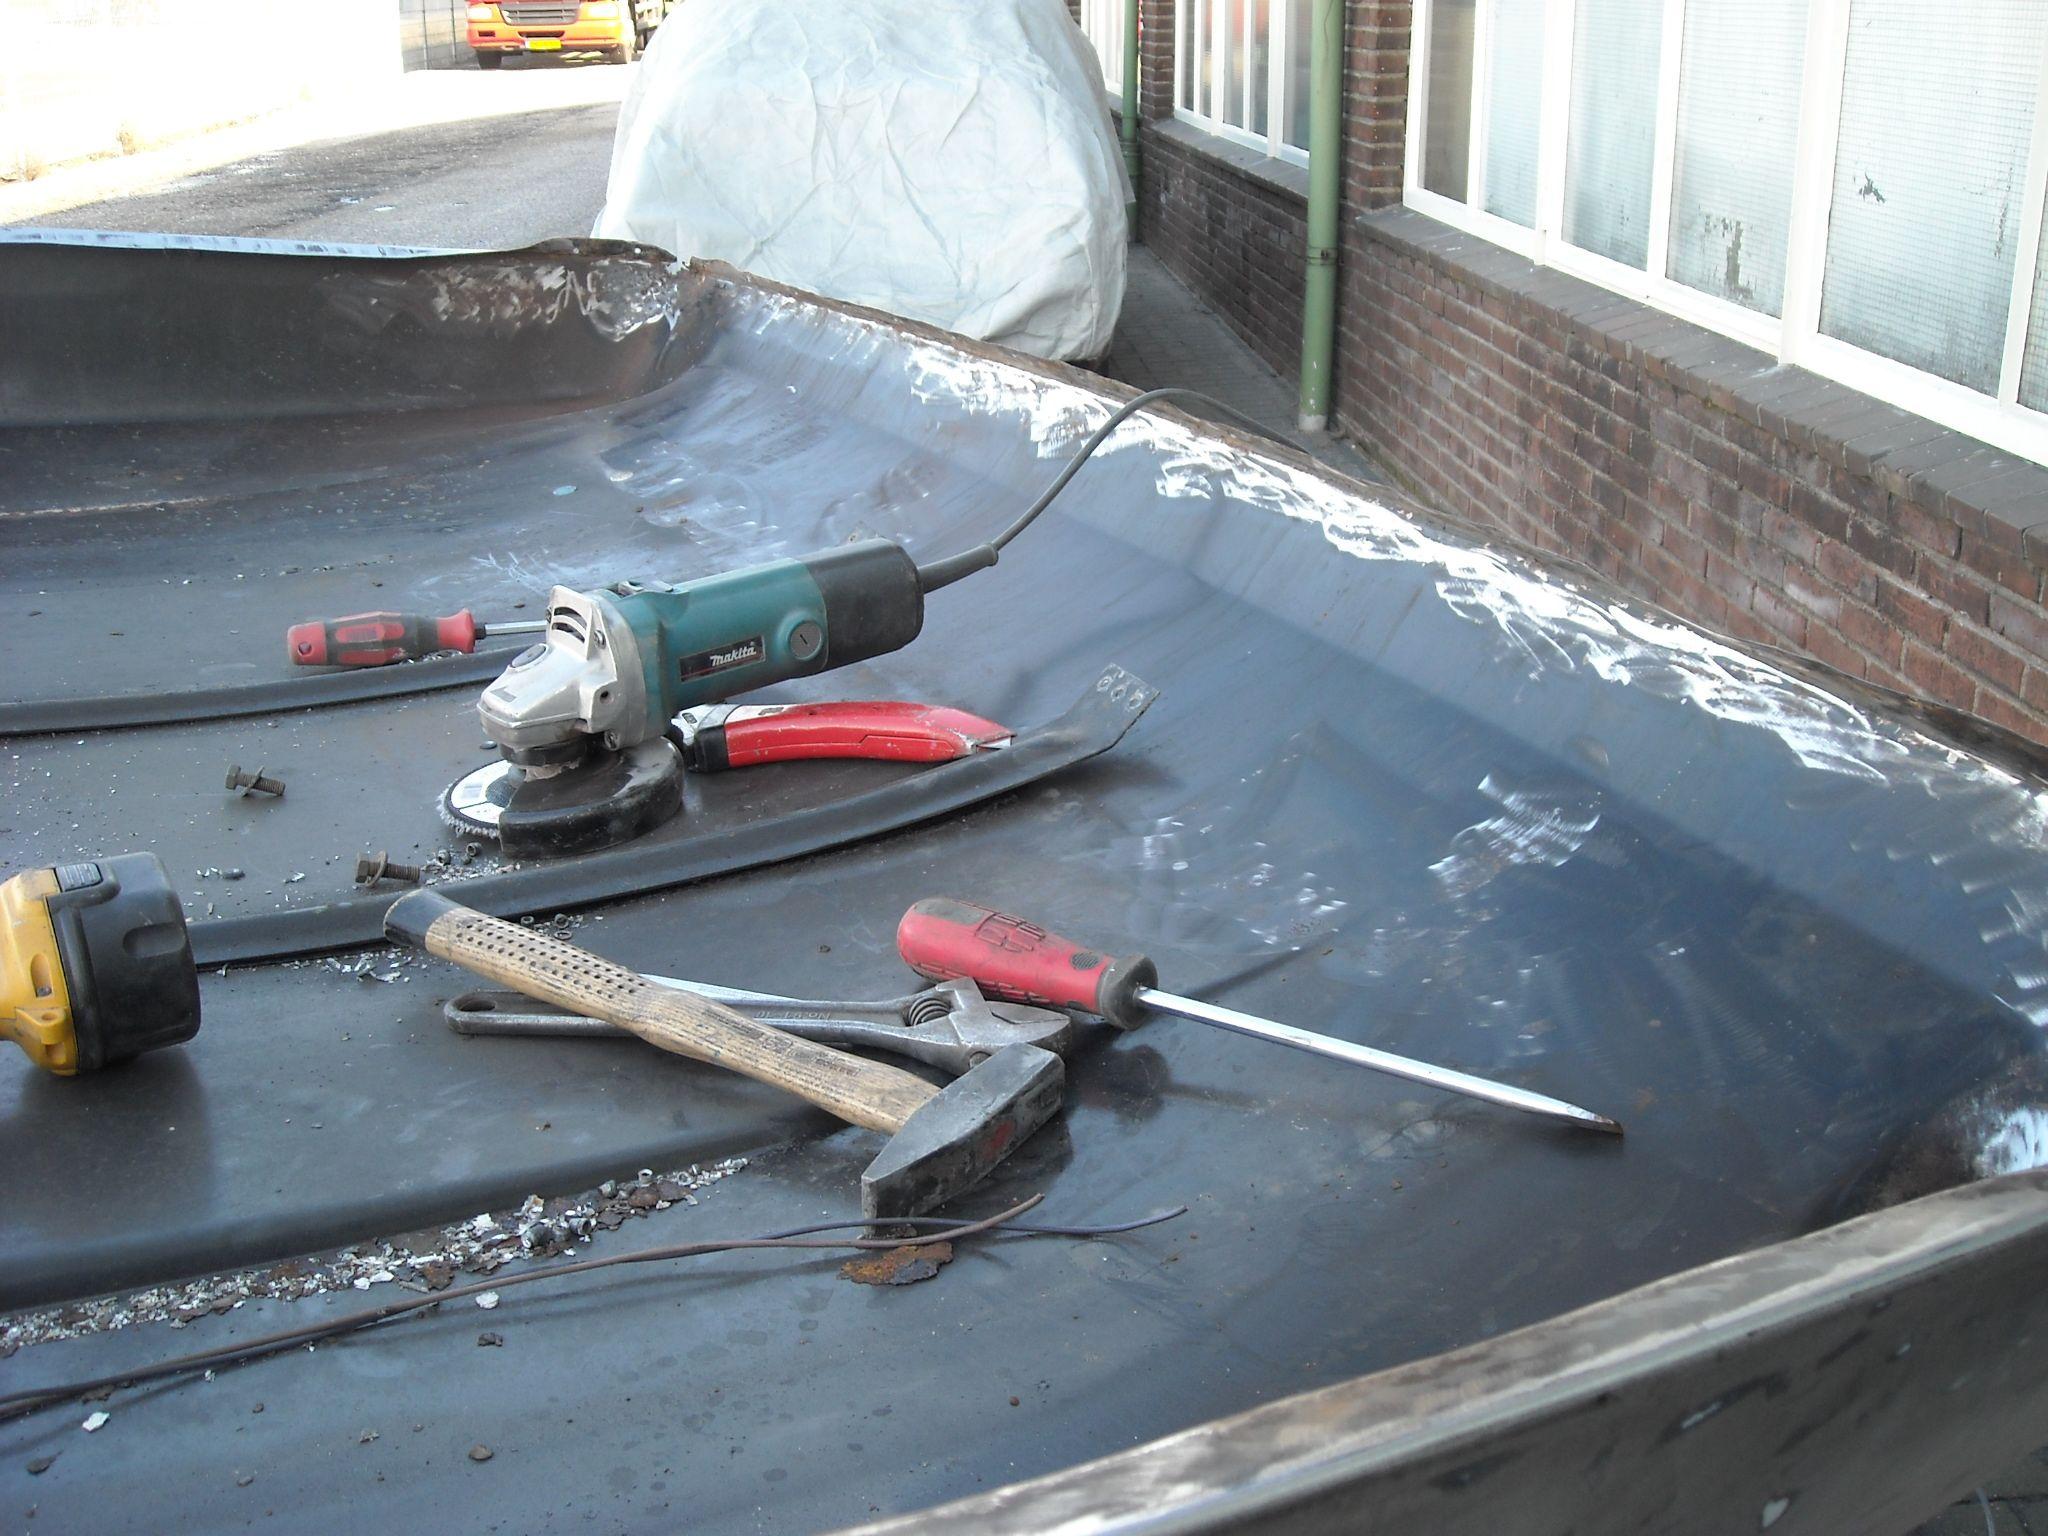 Bij de motorkap wordt het frame verwijderd om goed overal bij te komen. De motorkap zelf is staalplaat en het frame aluminium waardoor overal op de contactplaatsen corrosie is ontstaan door electrolyse.